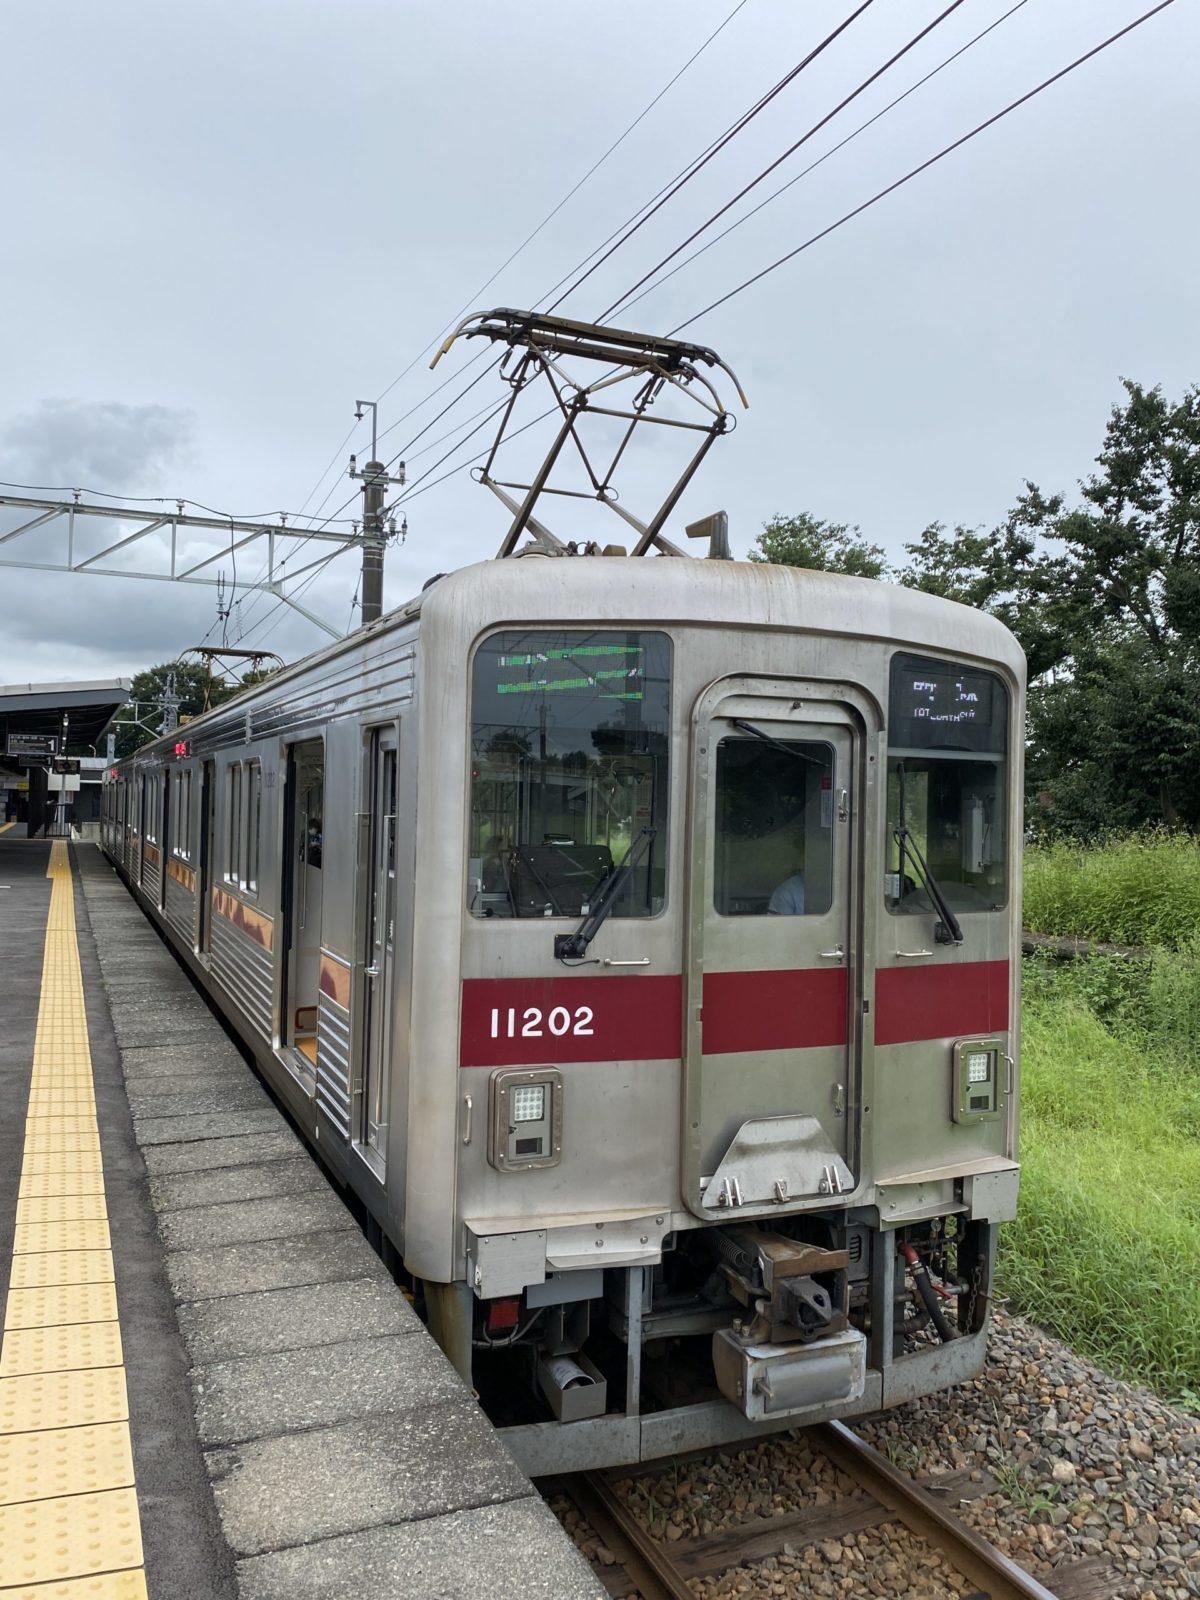 ふらっと両毛 東武フリーパスで行く東武小泉線乗車記